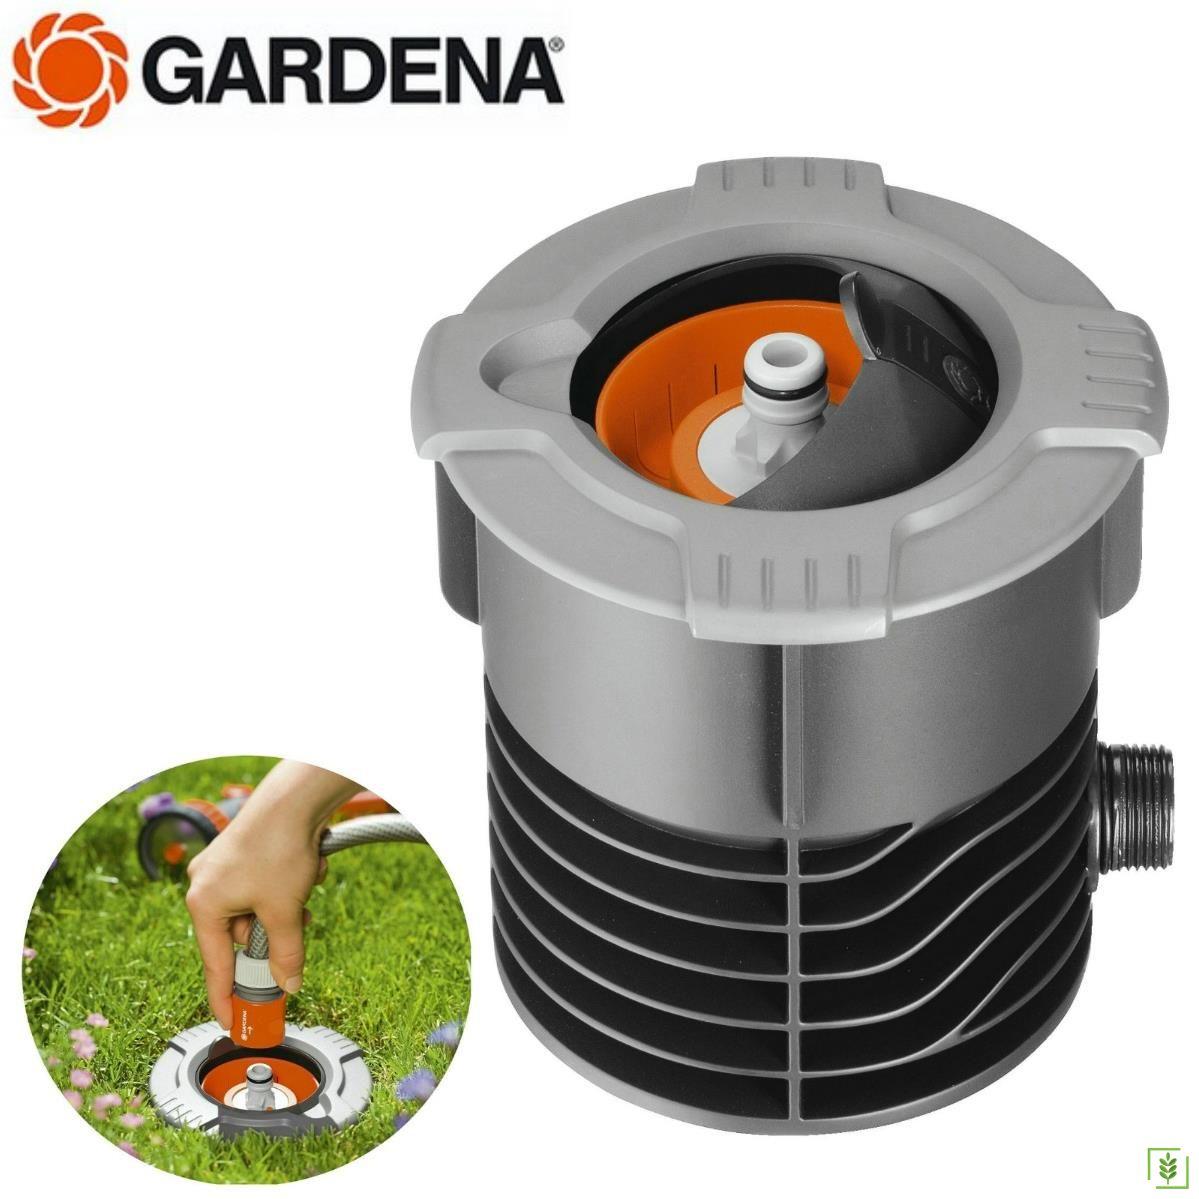 GARDENA 8250 Su Bağlantı Vanası